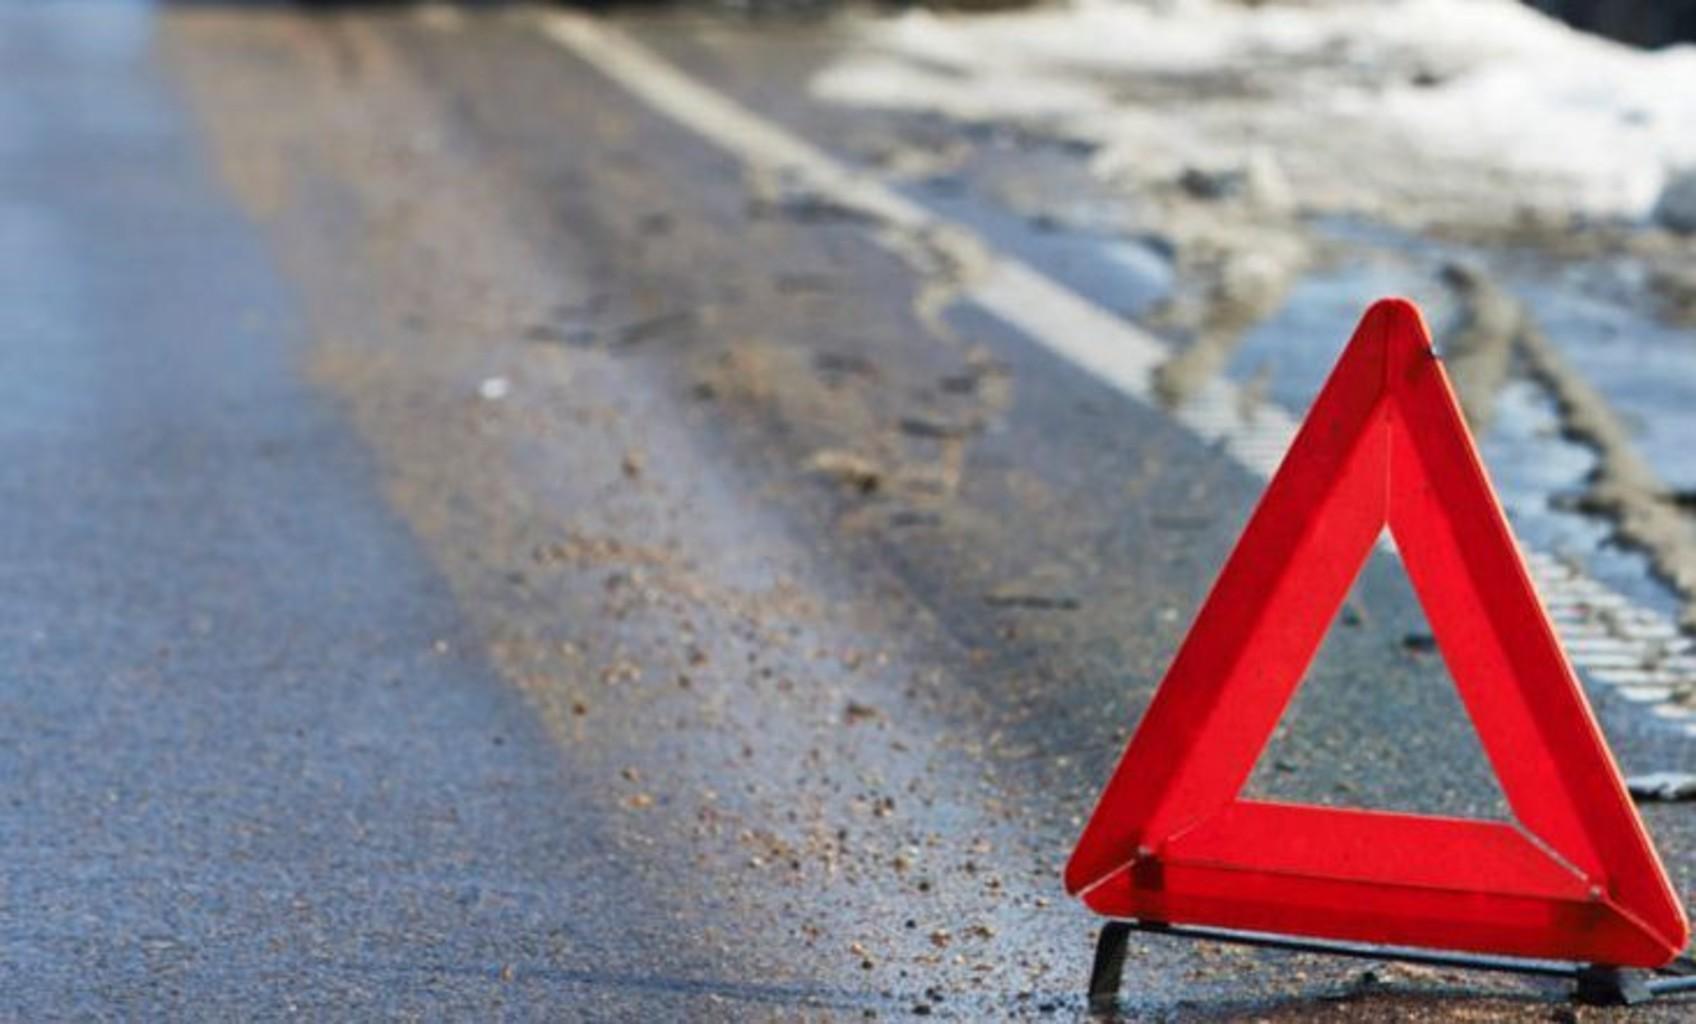 22 января в Залинейном районе Борисова нашли тело местного жителя